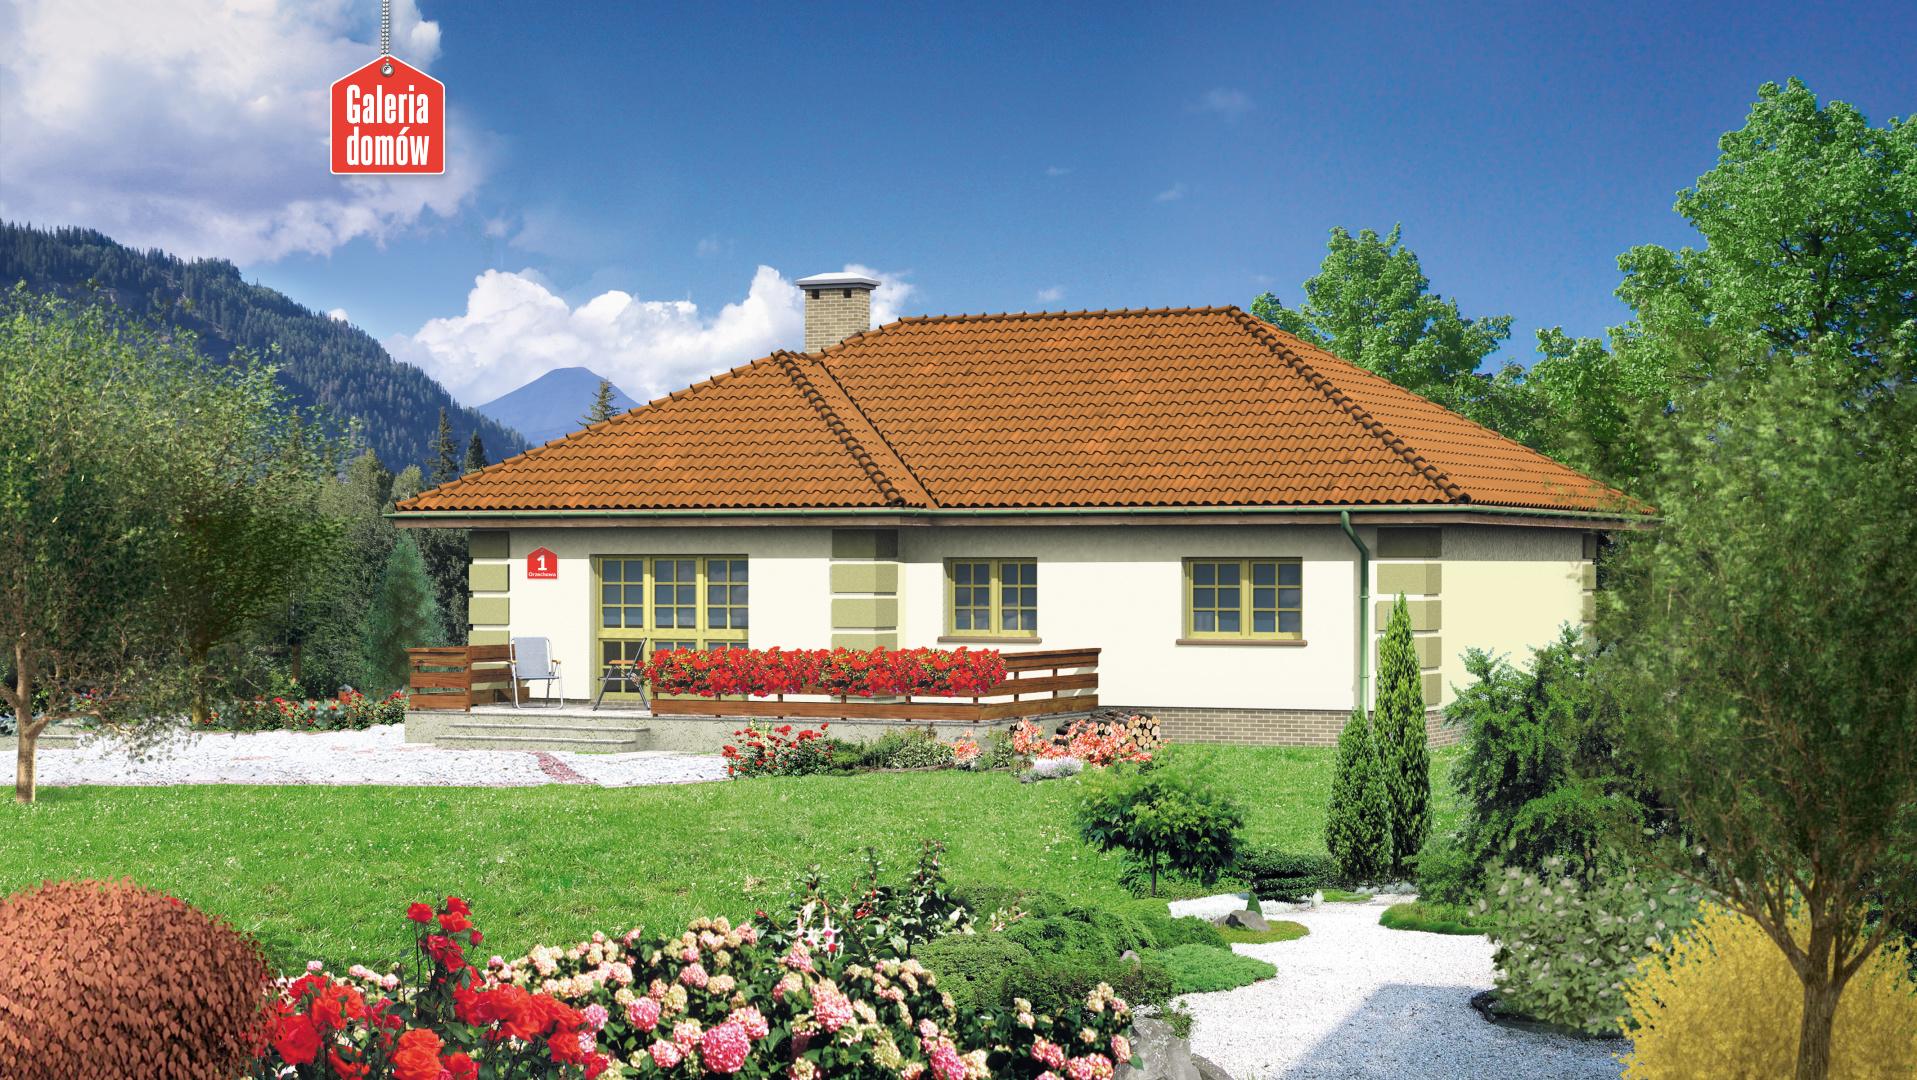 Dom przy Orzechowej - zdjęcie projektu i wizualizacja